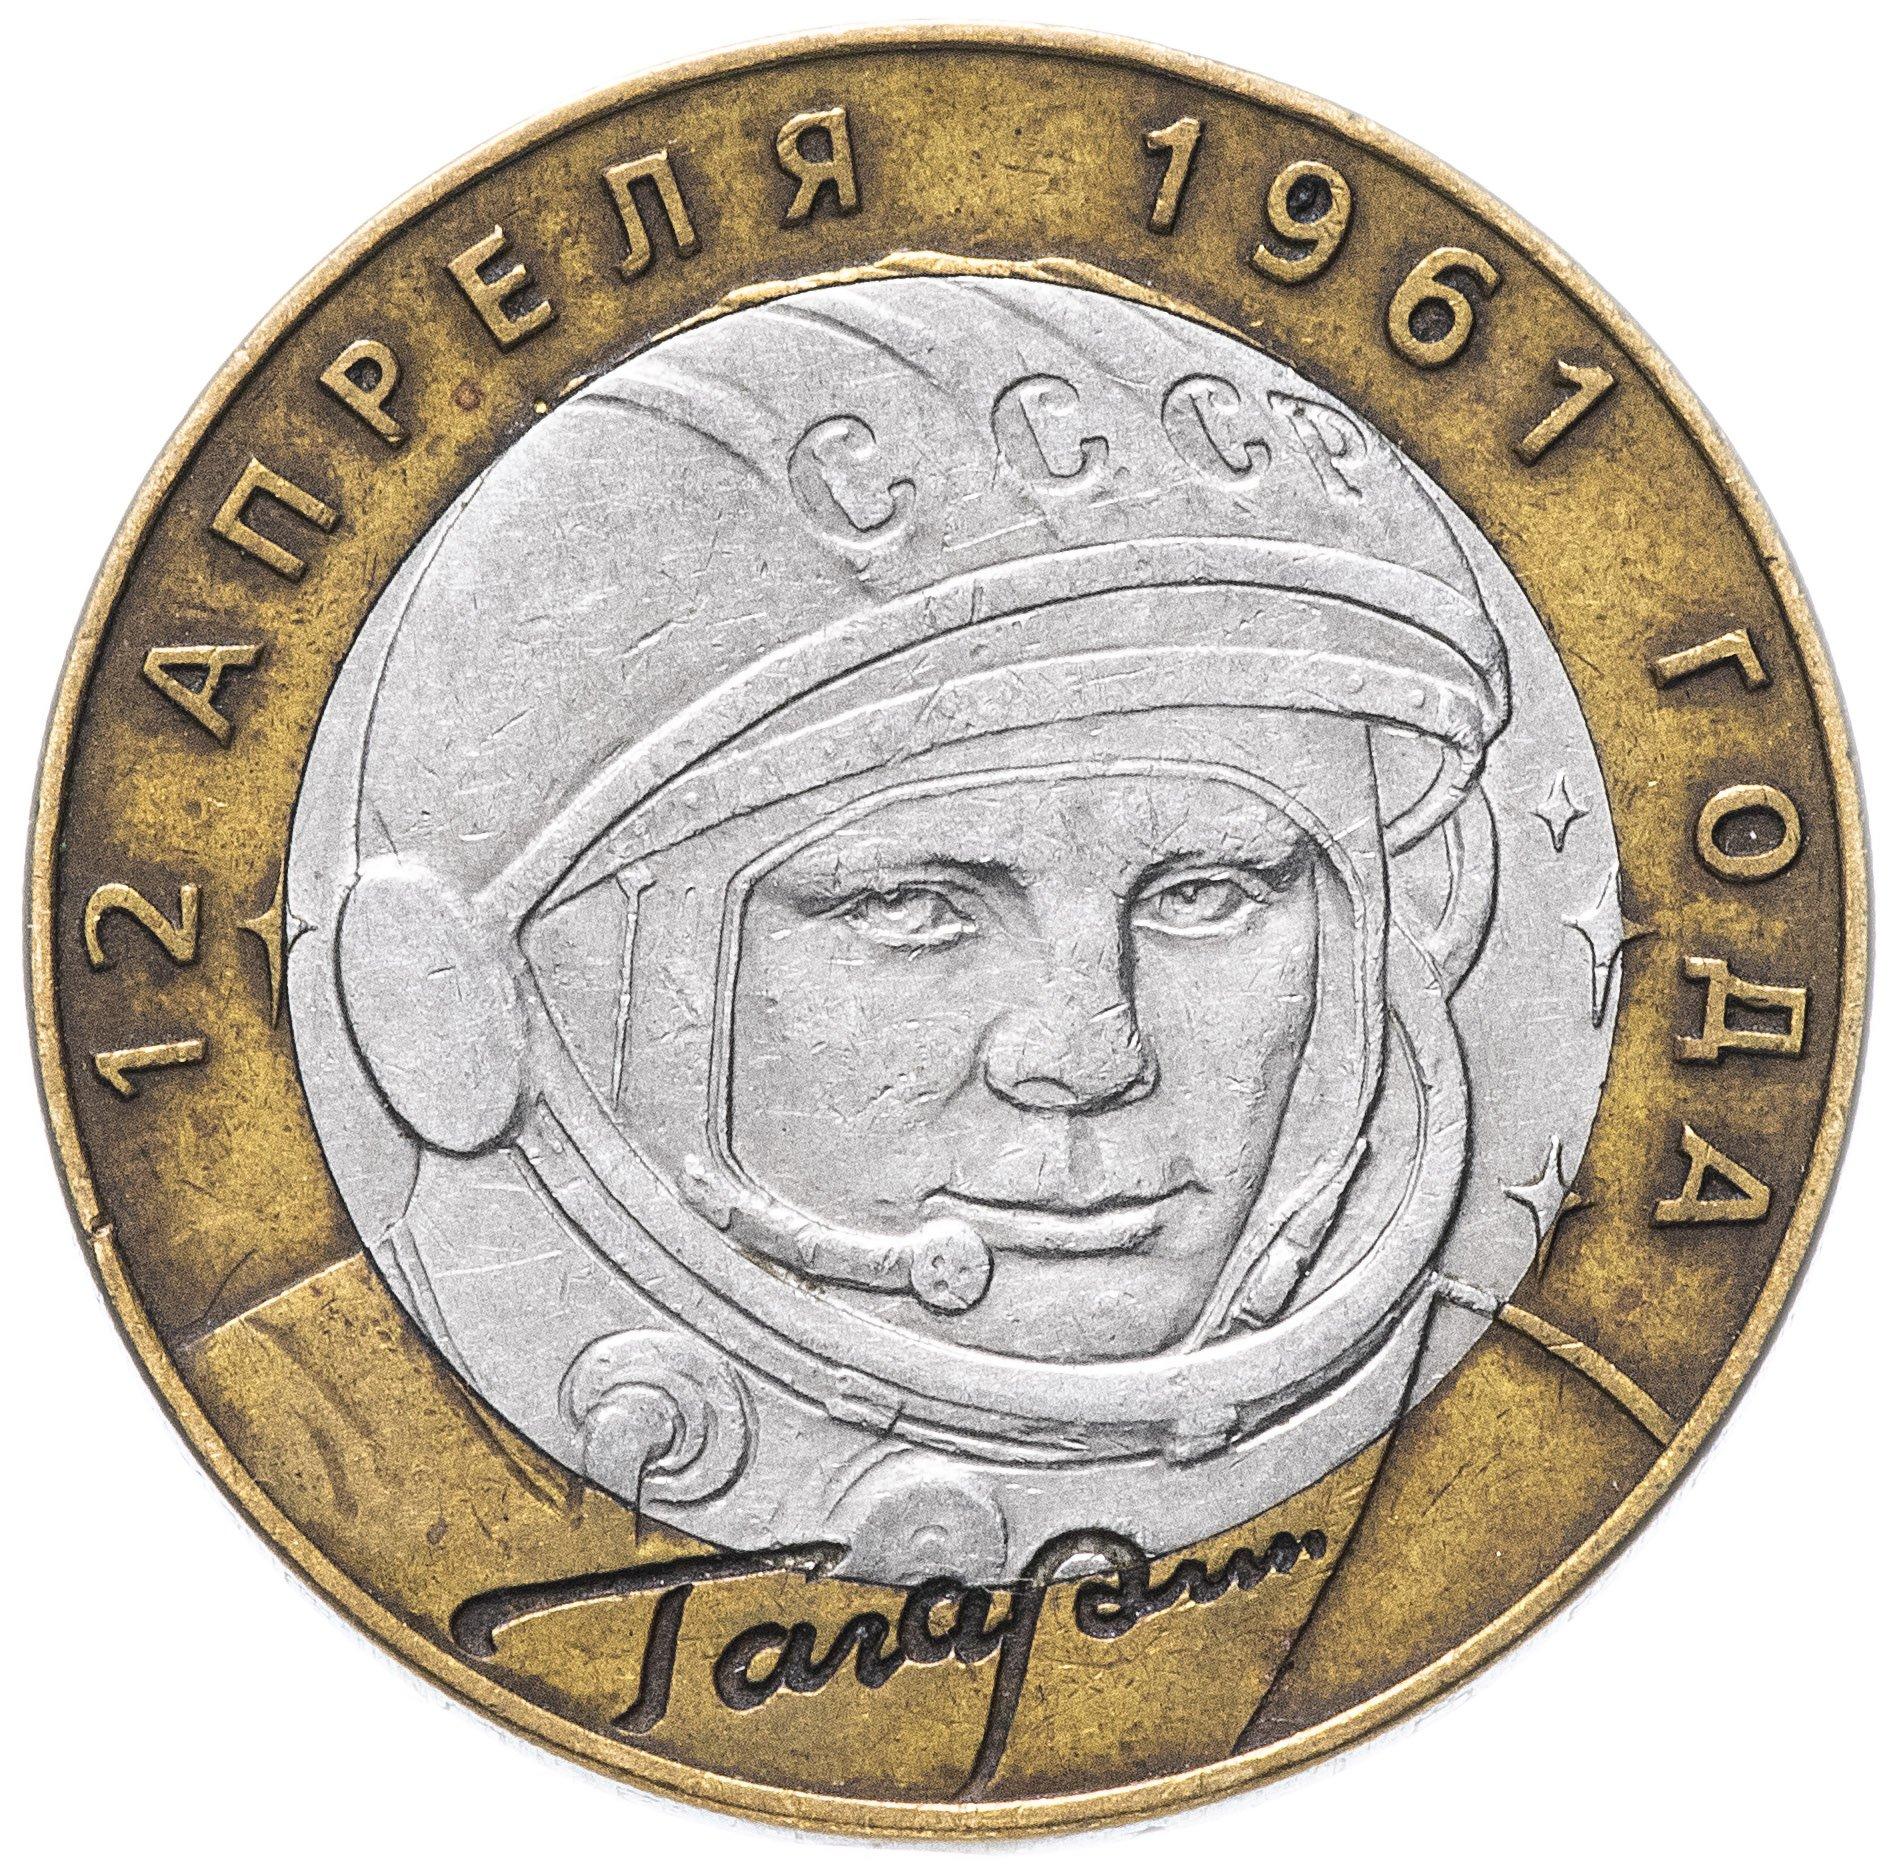 Россия набор монет посвященных 40-летию полета Гагарина в космос